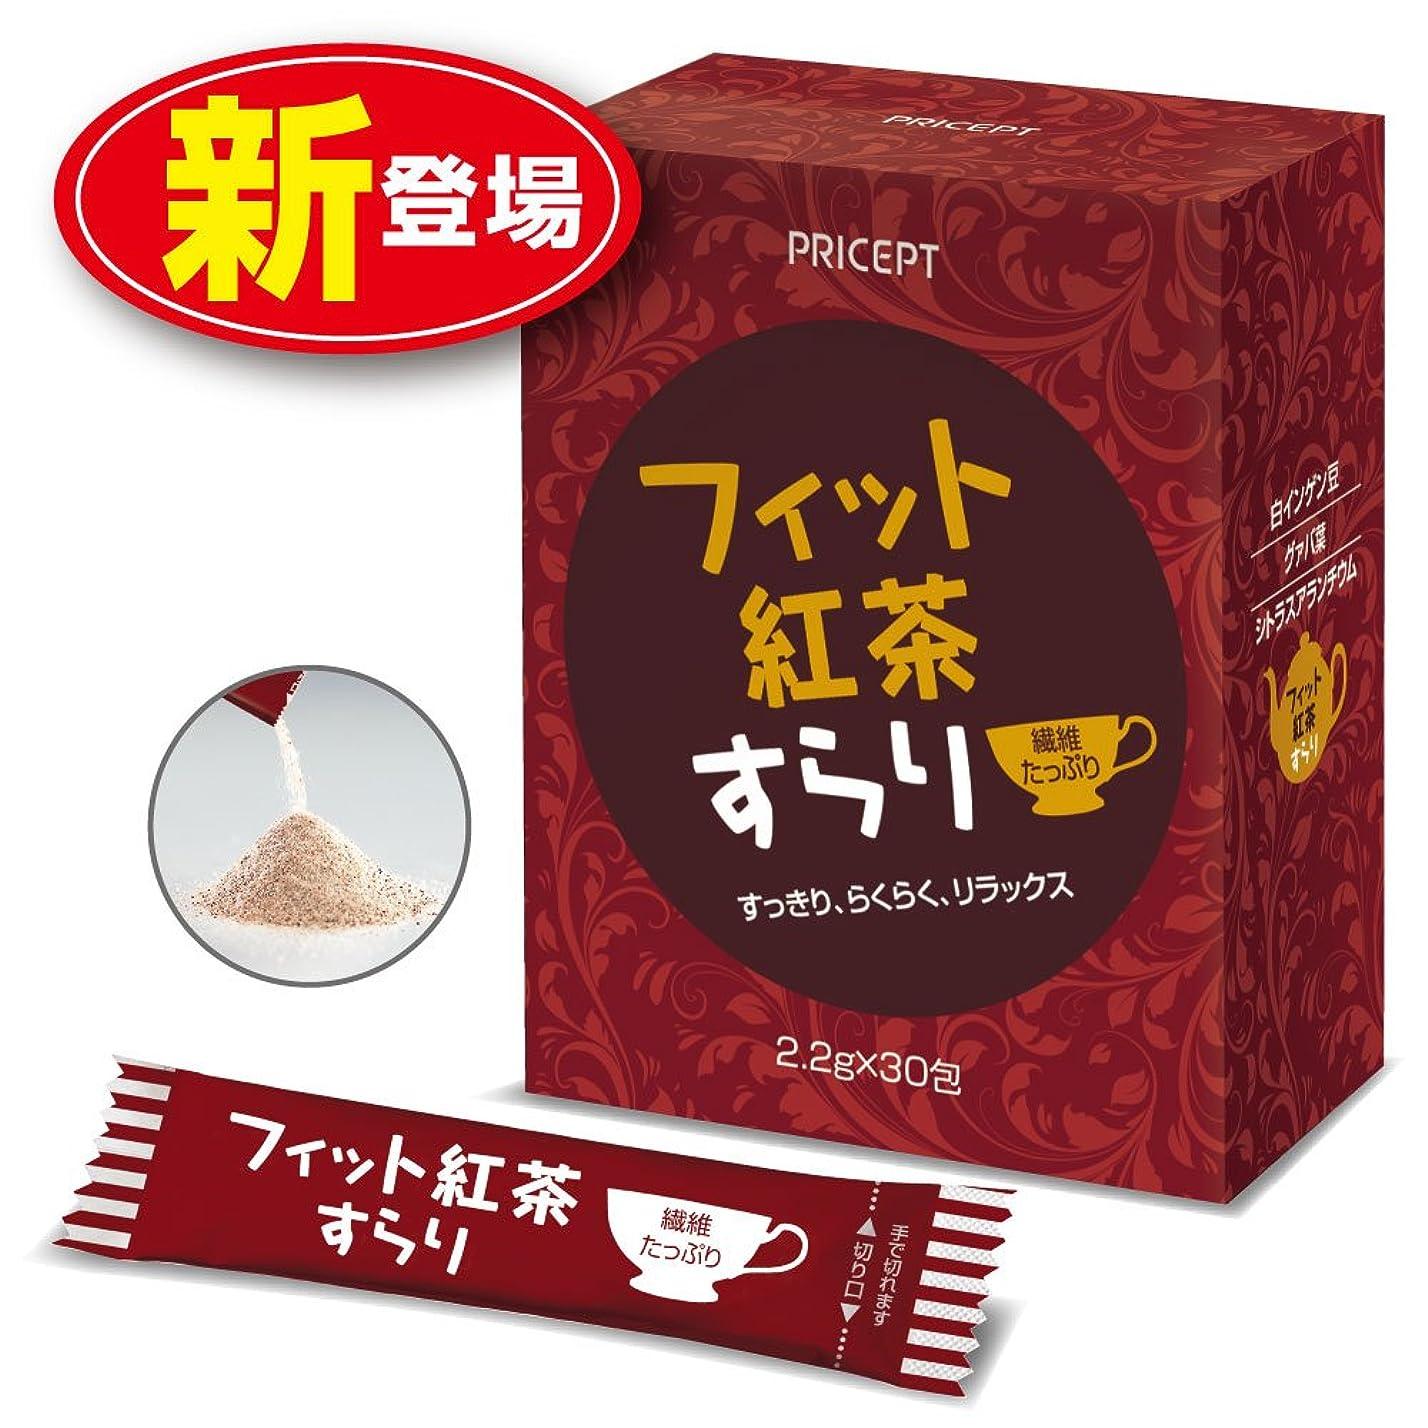 モジュール車いたずらプリセプト フィット紅茶すらり(30包)【単品】(食物繊維配合ダイエットサポート紅茶)